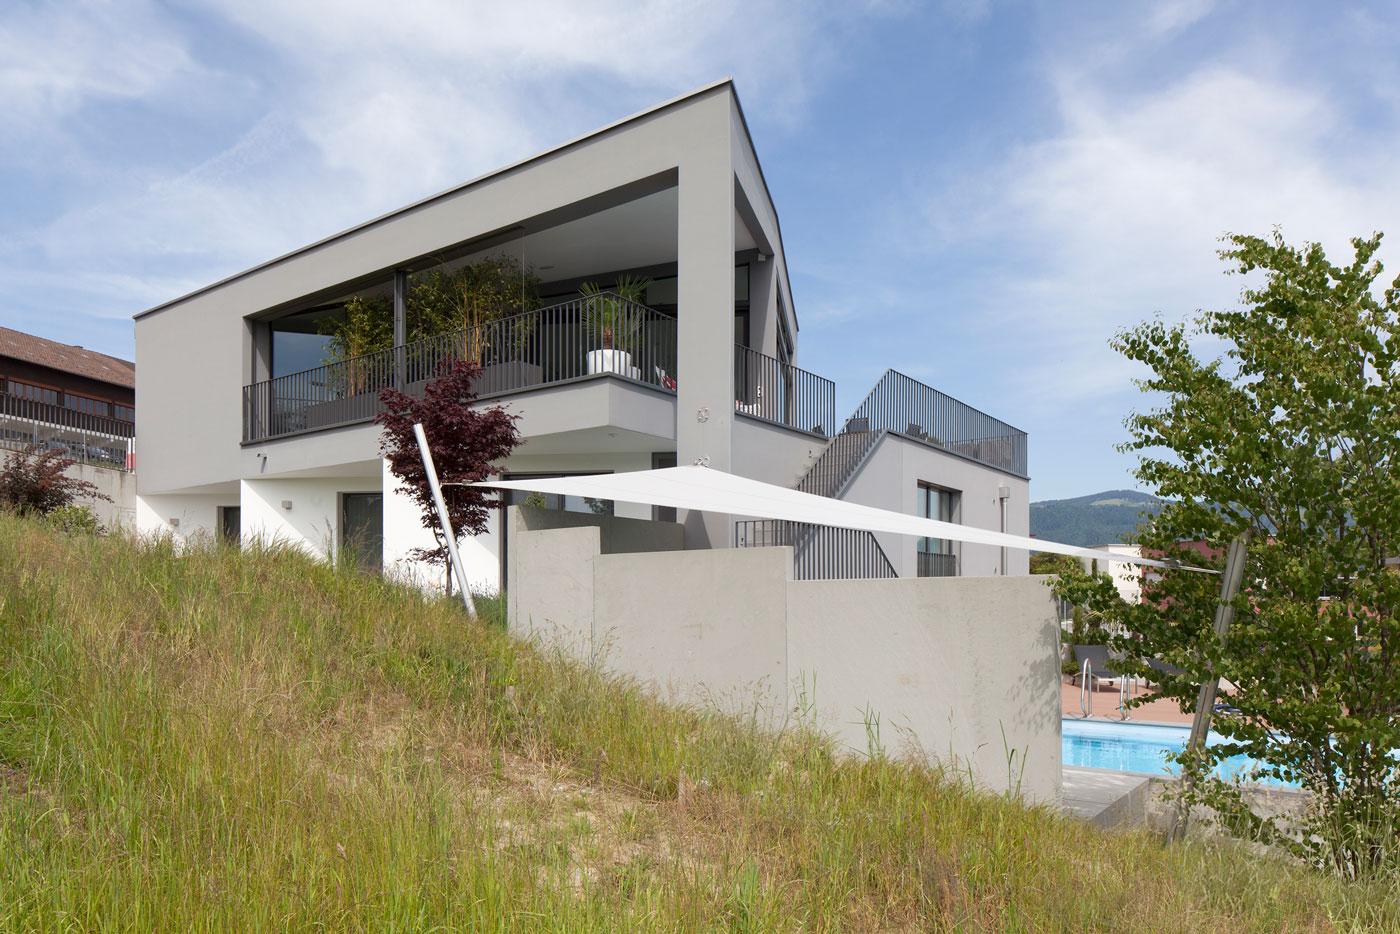 6405-Immensee-Neubau,-Einfamilienhaus-2039-Bild-1